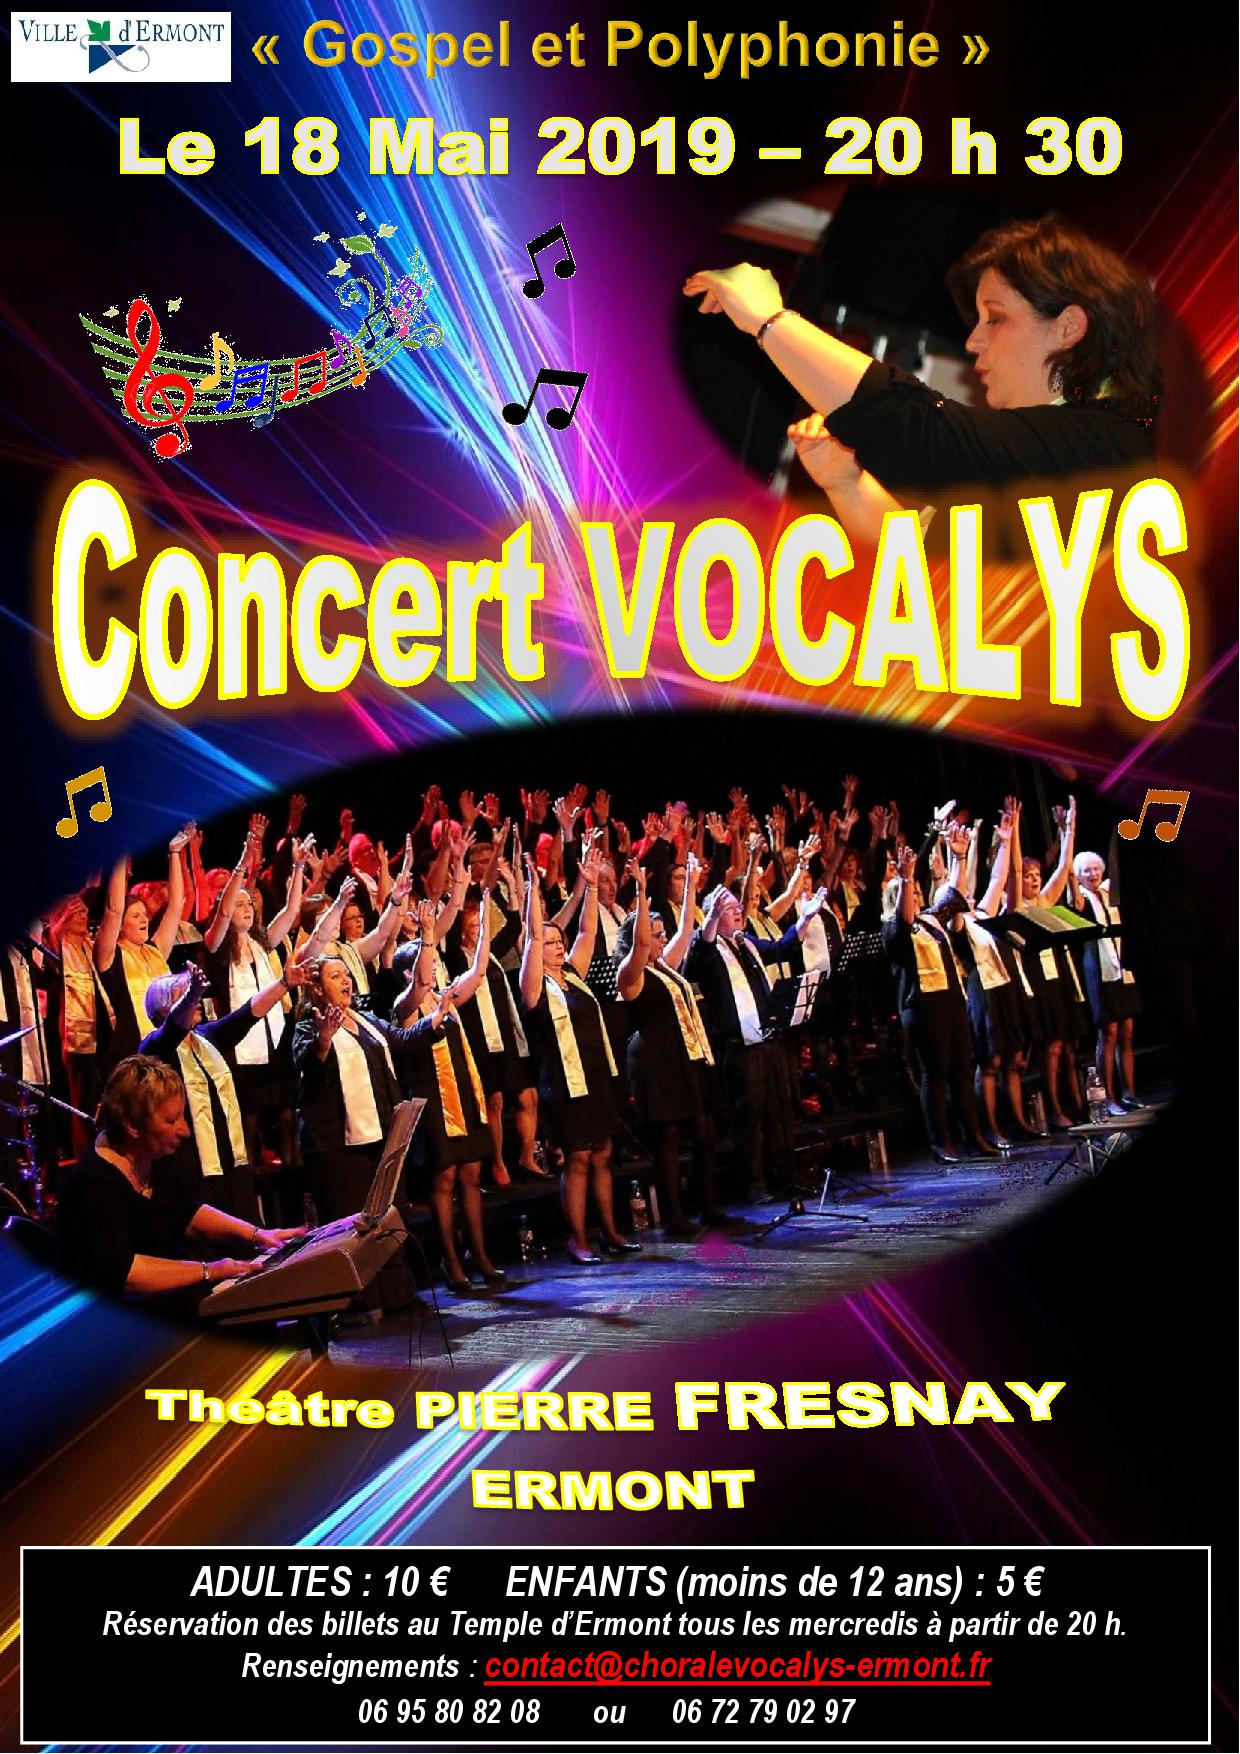 Concert de Vocalys le 18 mai 2019